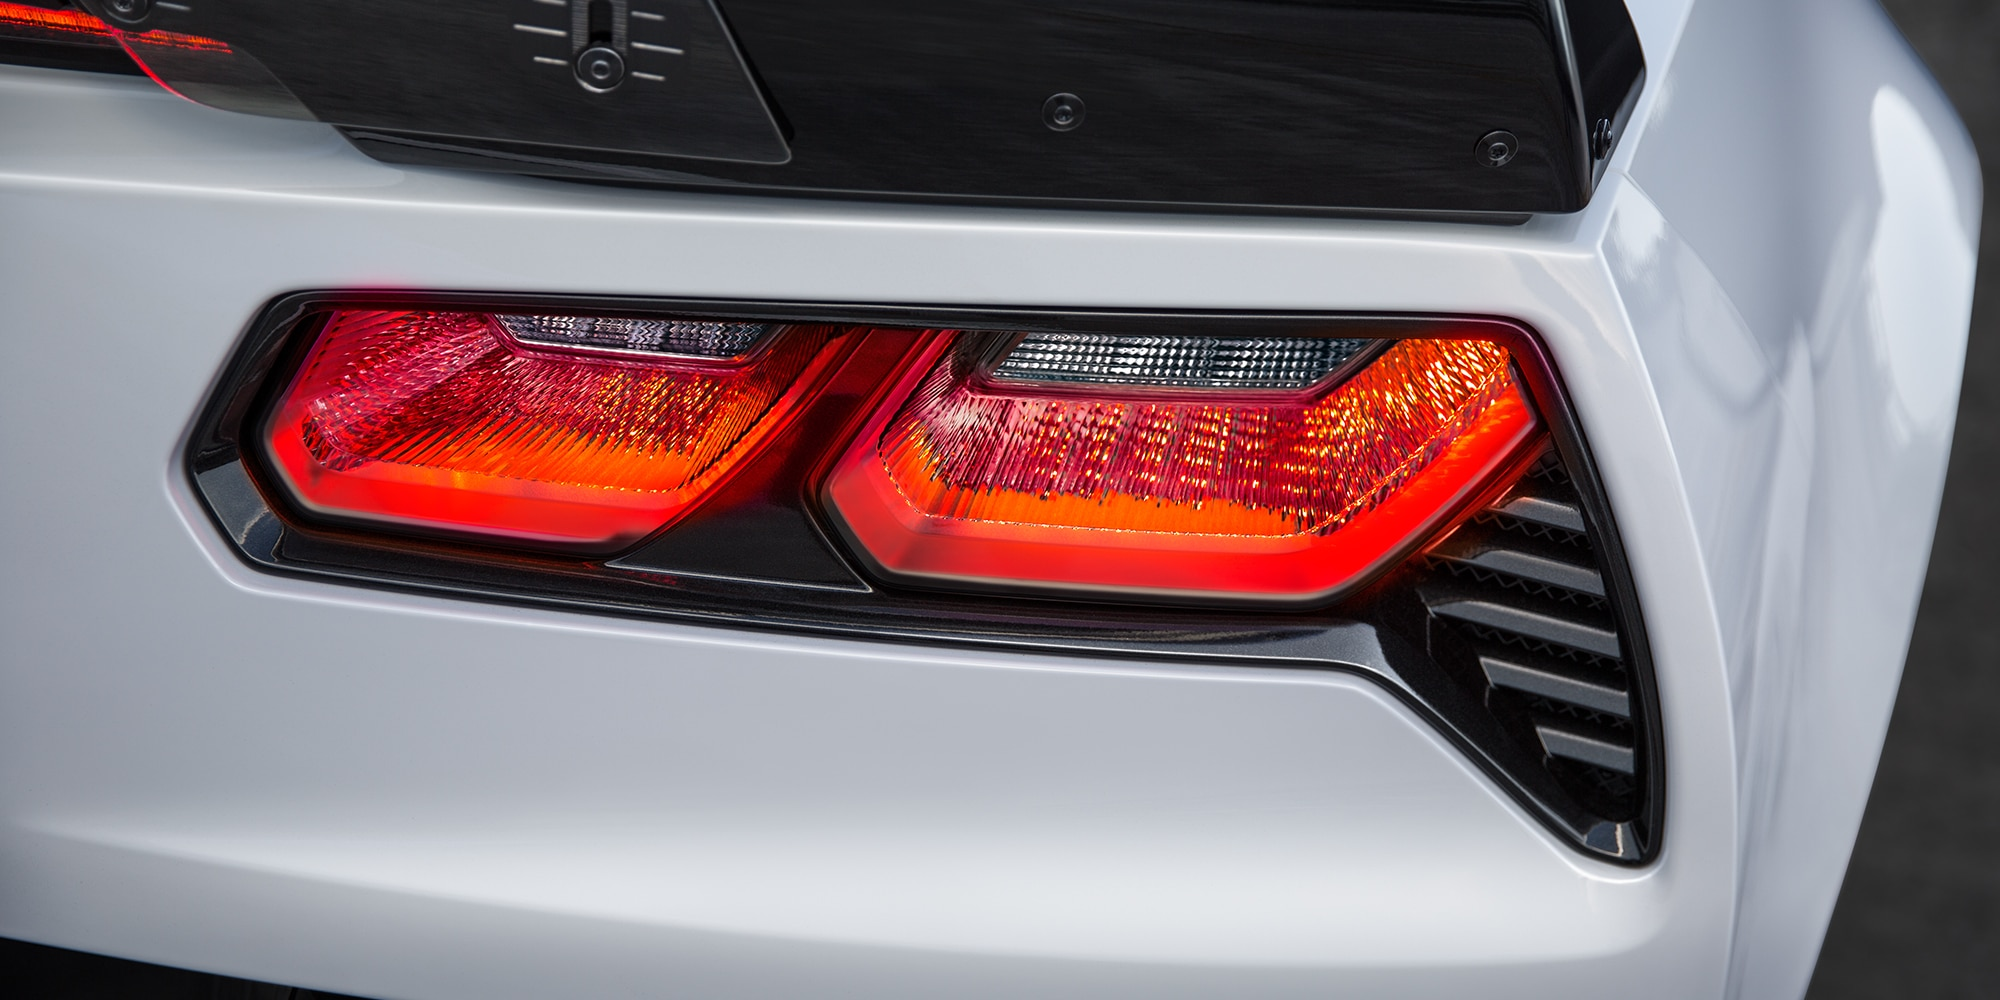 Diseño del superauto Corvette Z06 2019: faros traseros